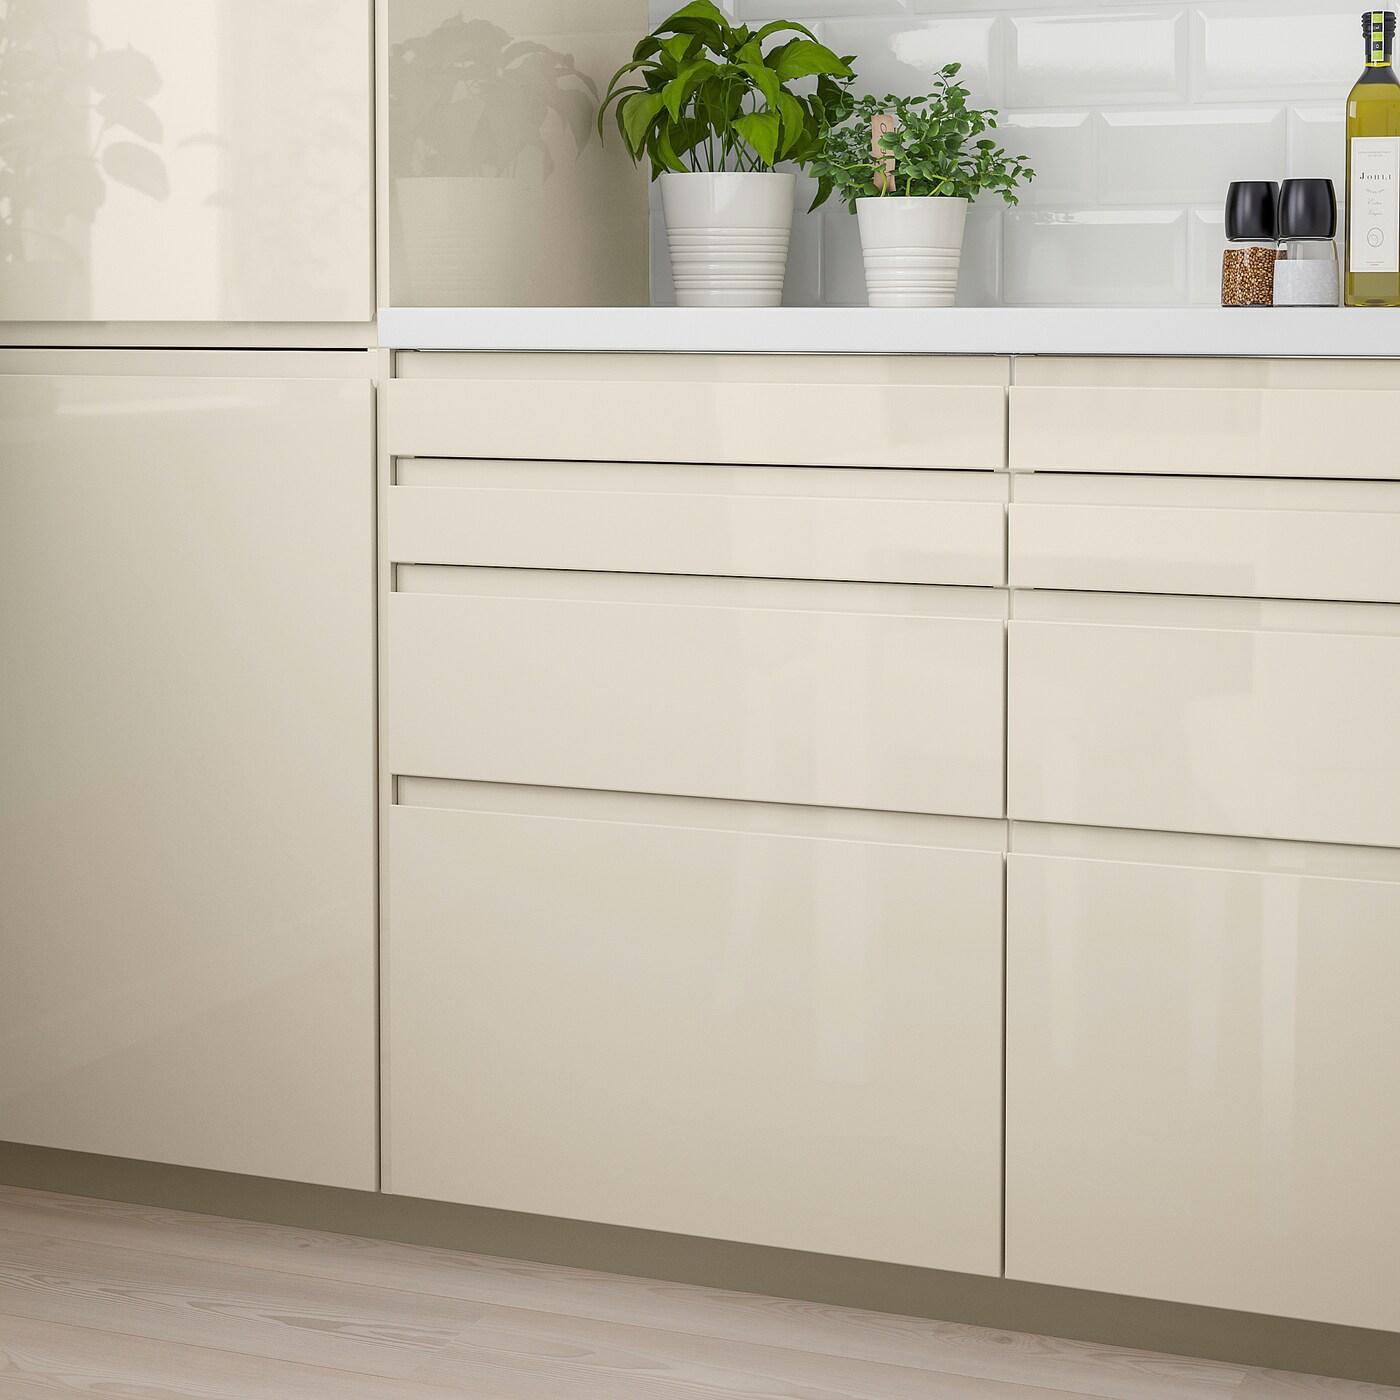 VOXTORP Face de tiroir - brillant beige clair 12x12 cm